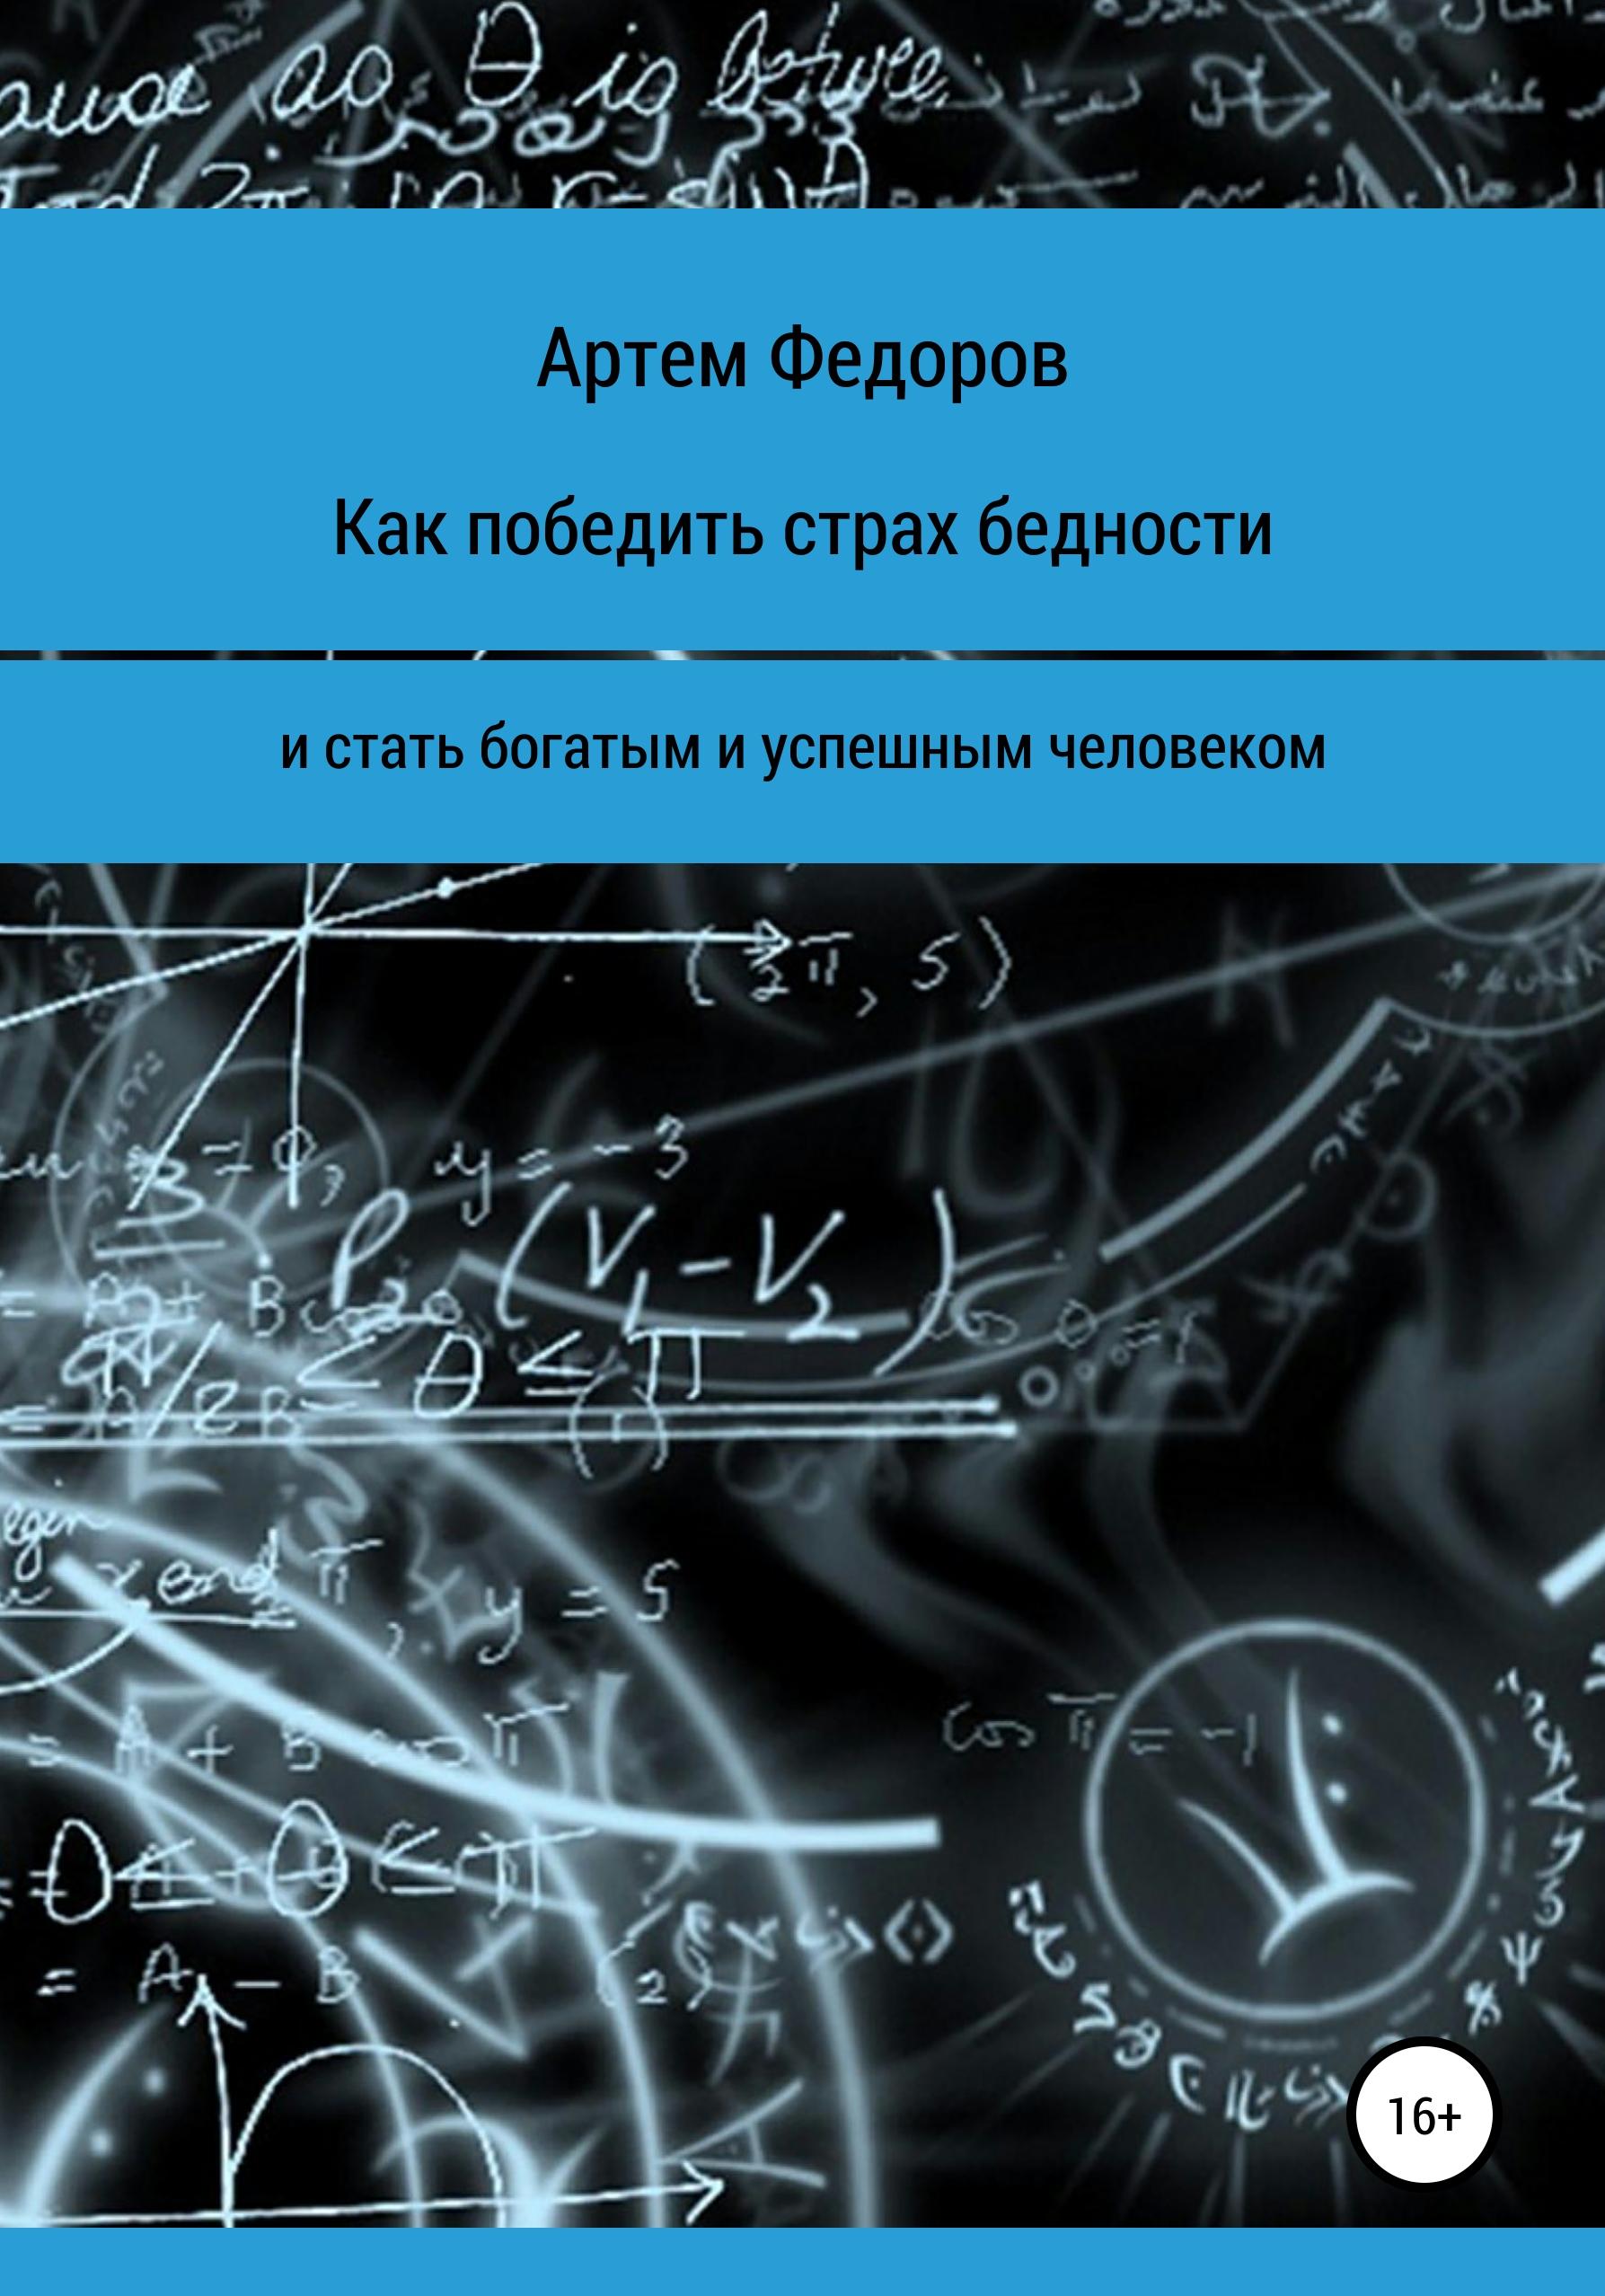 Купить книгу Как победить страх бедности и стать богатым и успешным человеком, автора Артема Ивановича Федорова